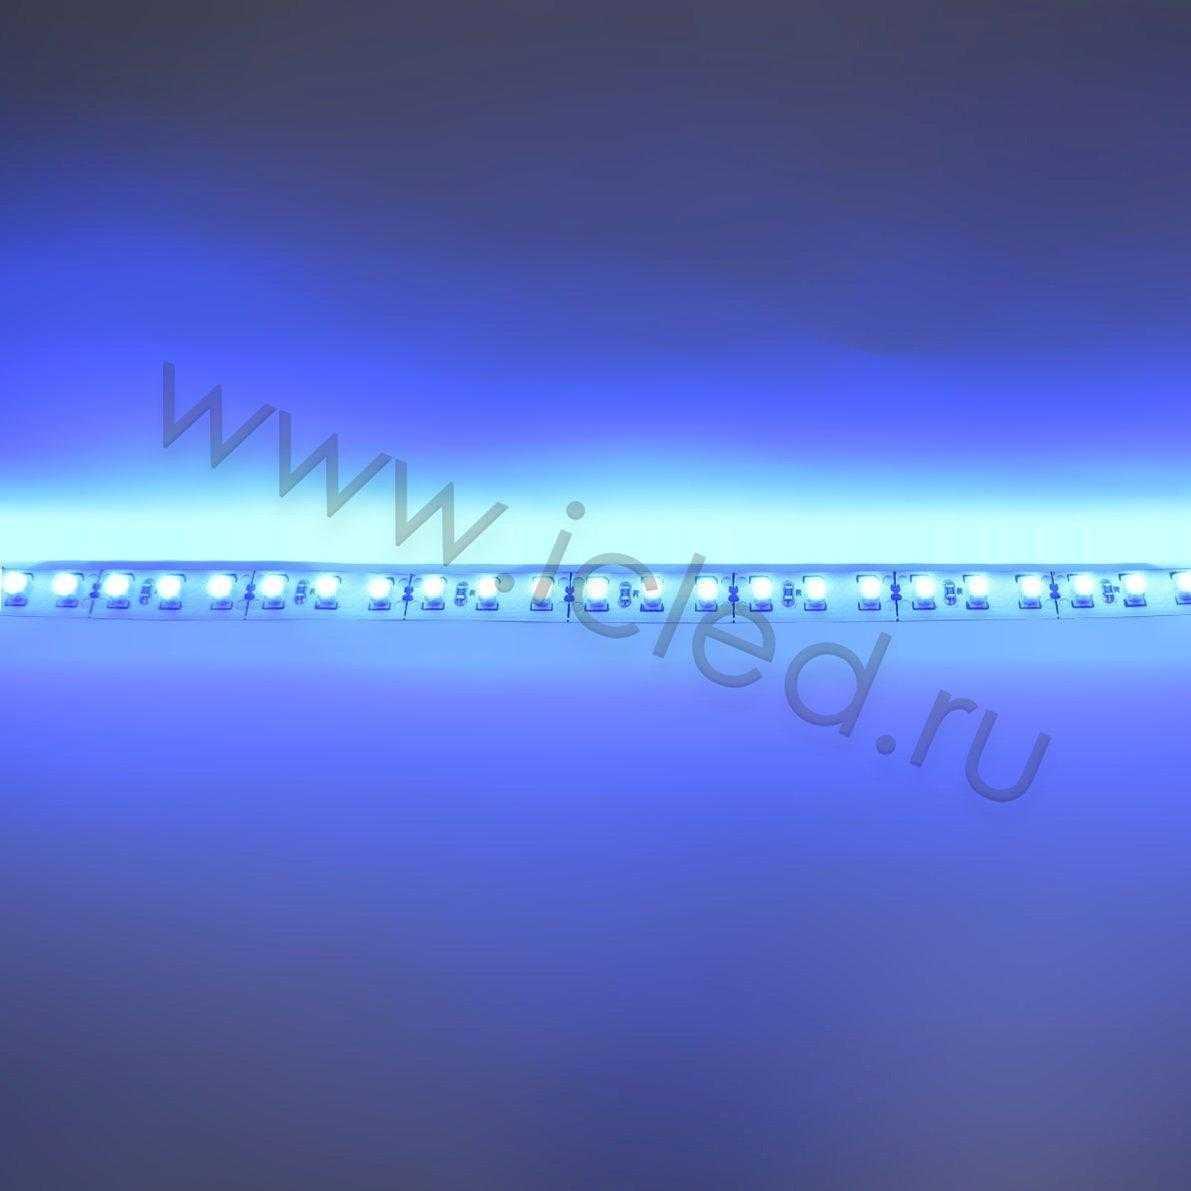 Светодиодная лента Econom class, 3528, 120led/m, Blue, 12V, IP33